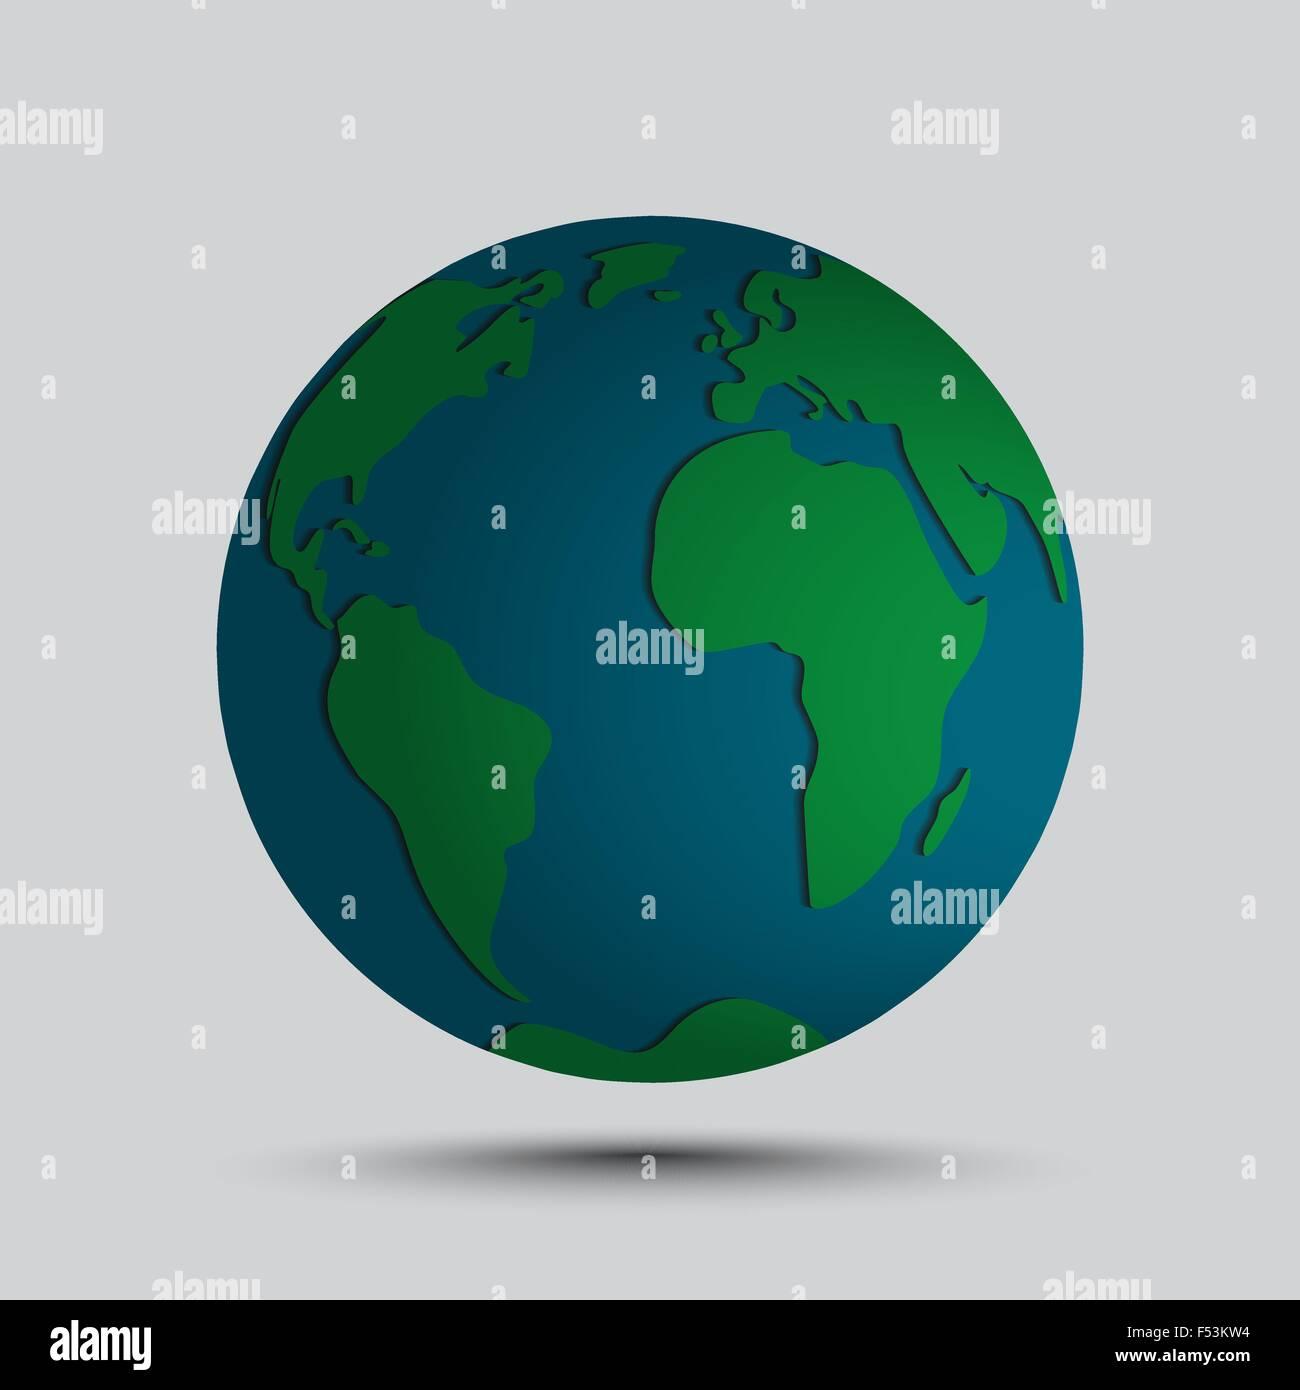 Vecteur d'une icône globe simplifiée avec relief en simples continents du monde. Photo Stock